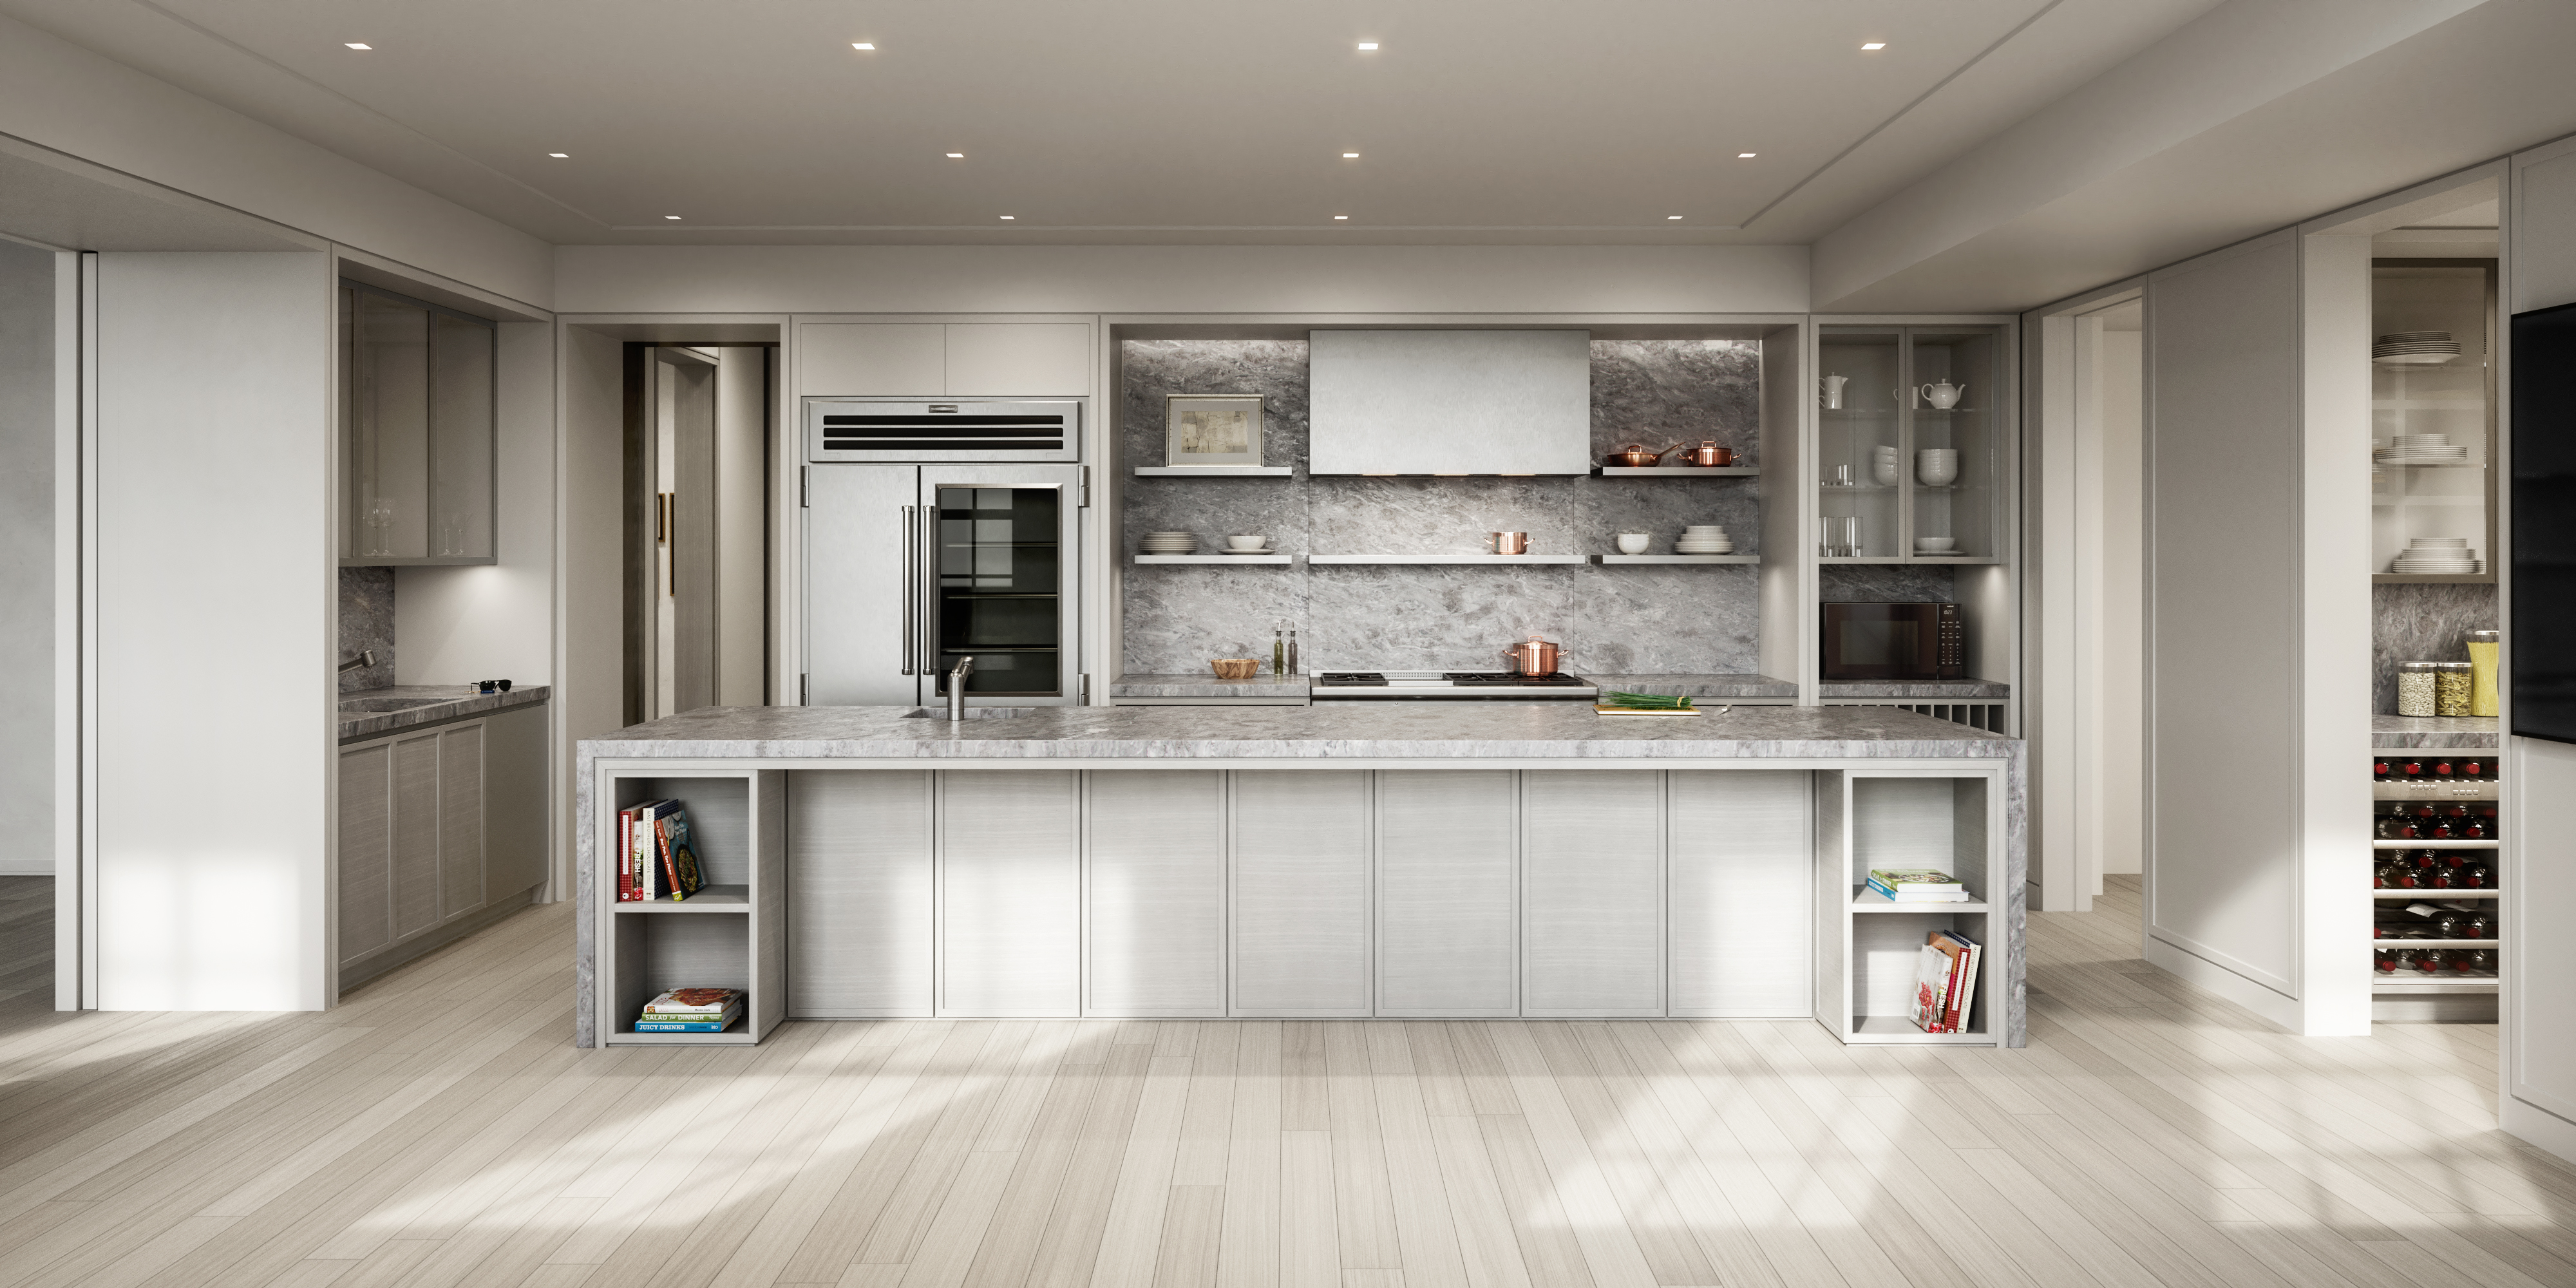 condo 3 - kitchen (view 3)